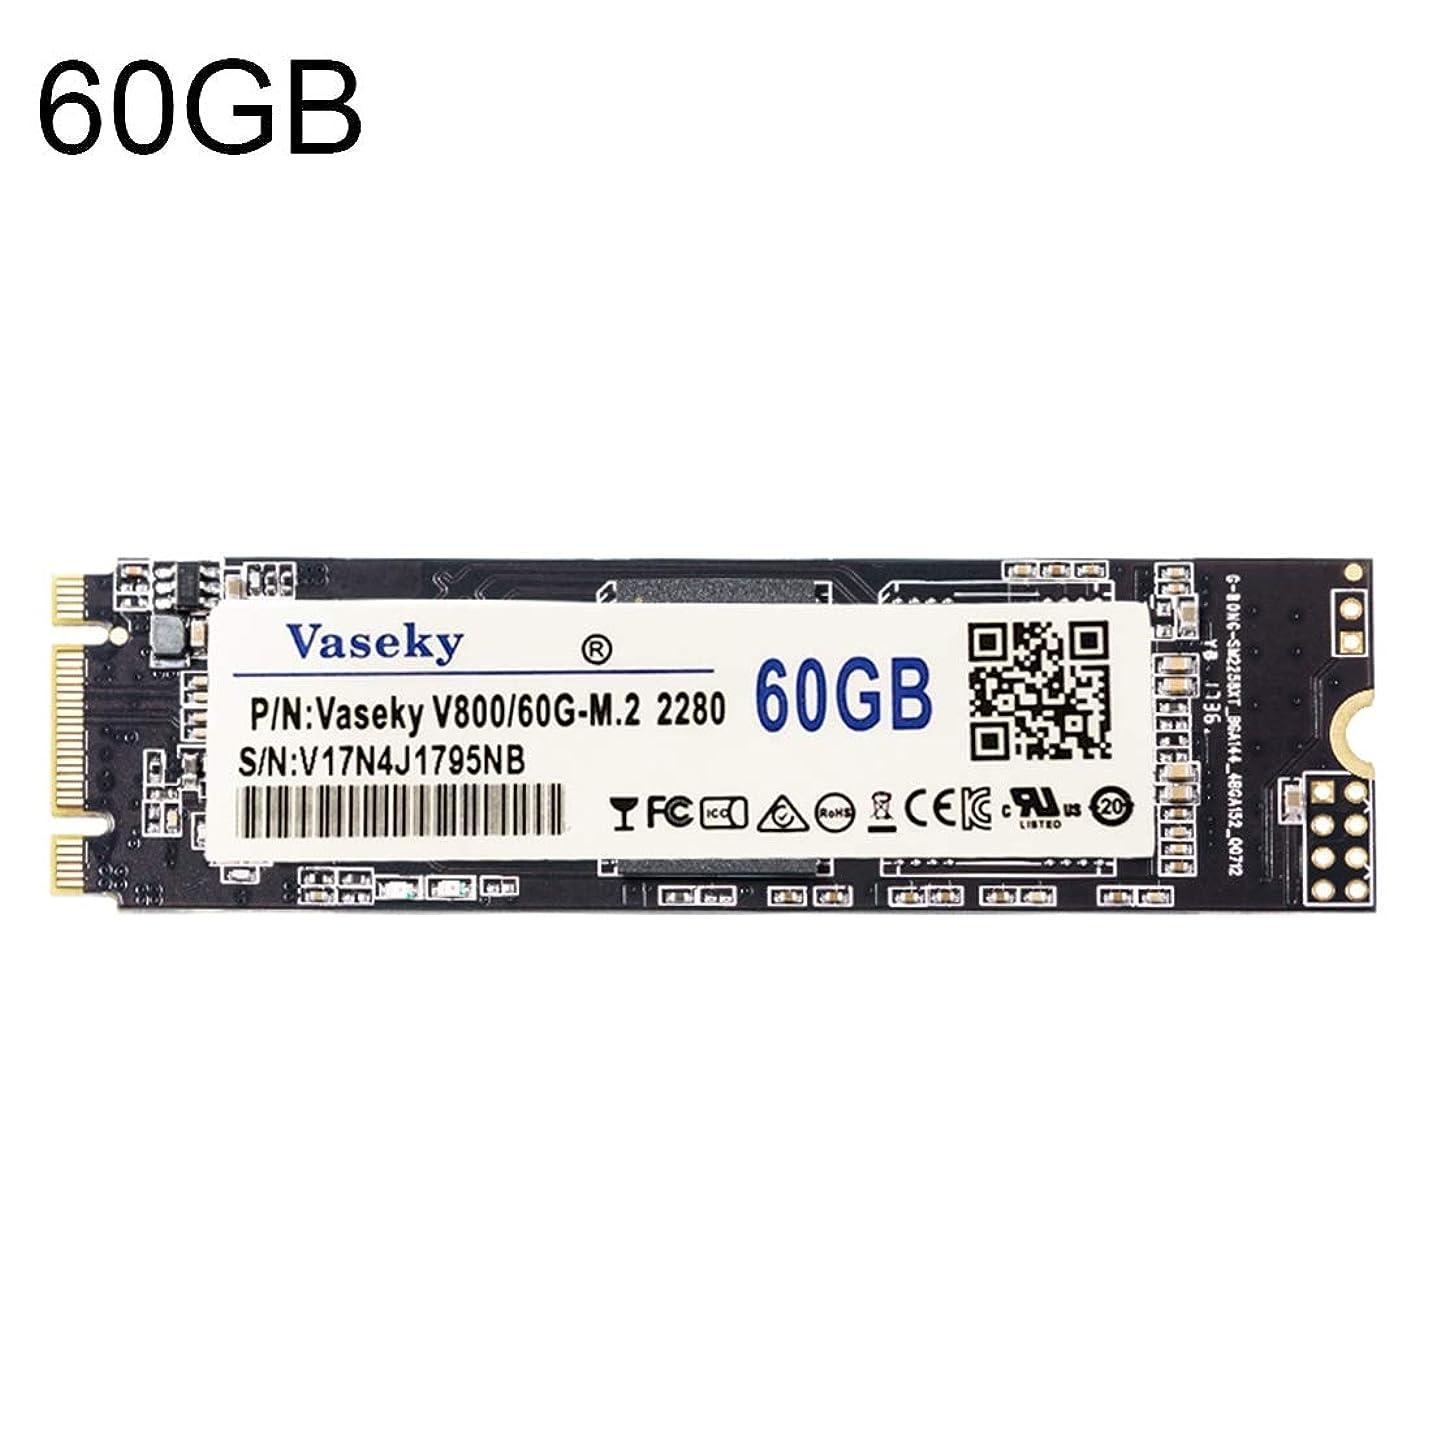 不純助言偽装するWTYD コンピュータアクセサリー V800 60GB NGFF/M.2 2280インタフェースソリッドステートドライブラップトップ用ハードドライブ コンピュータに使われる